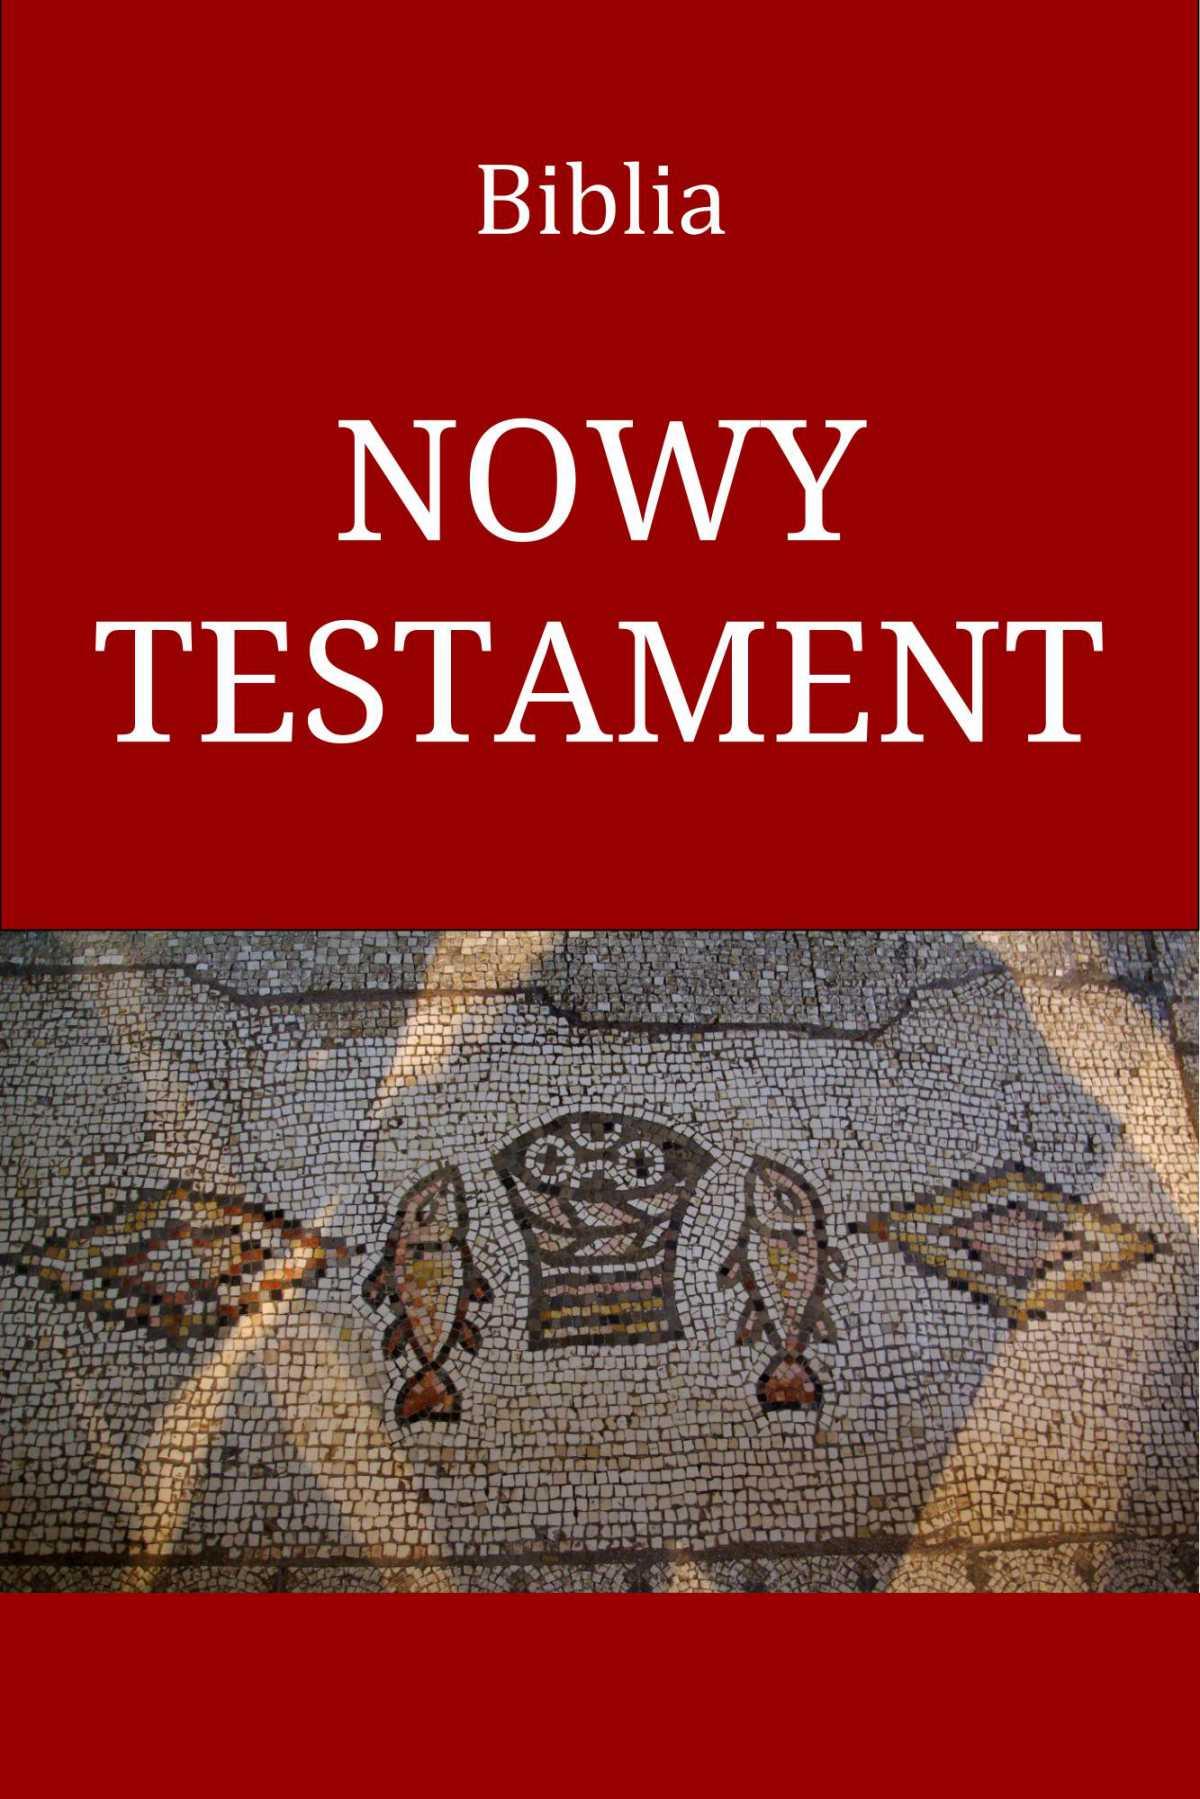 Biblia. Nowy Testament - Ebook (Książka EPUB) do pobrania w formacie EPUB